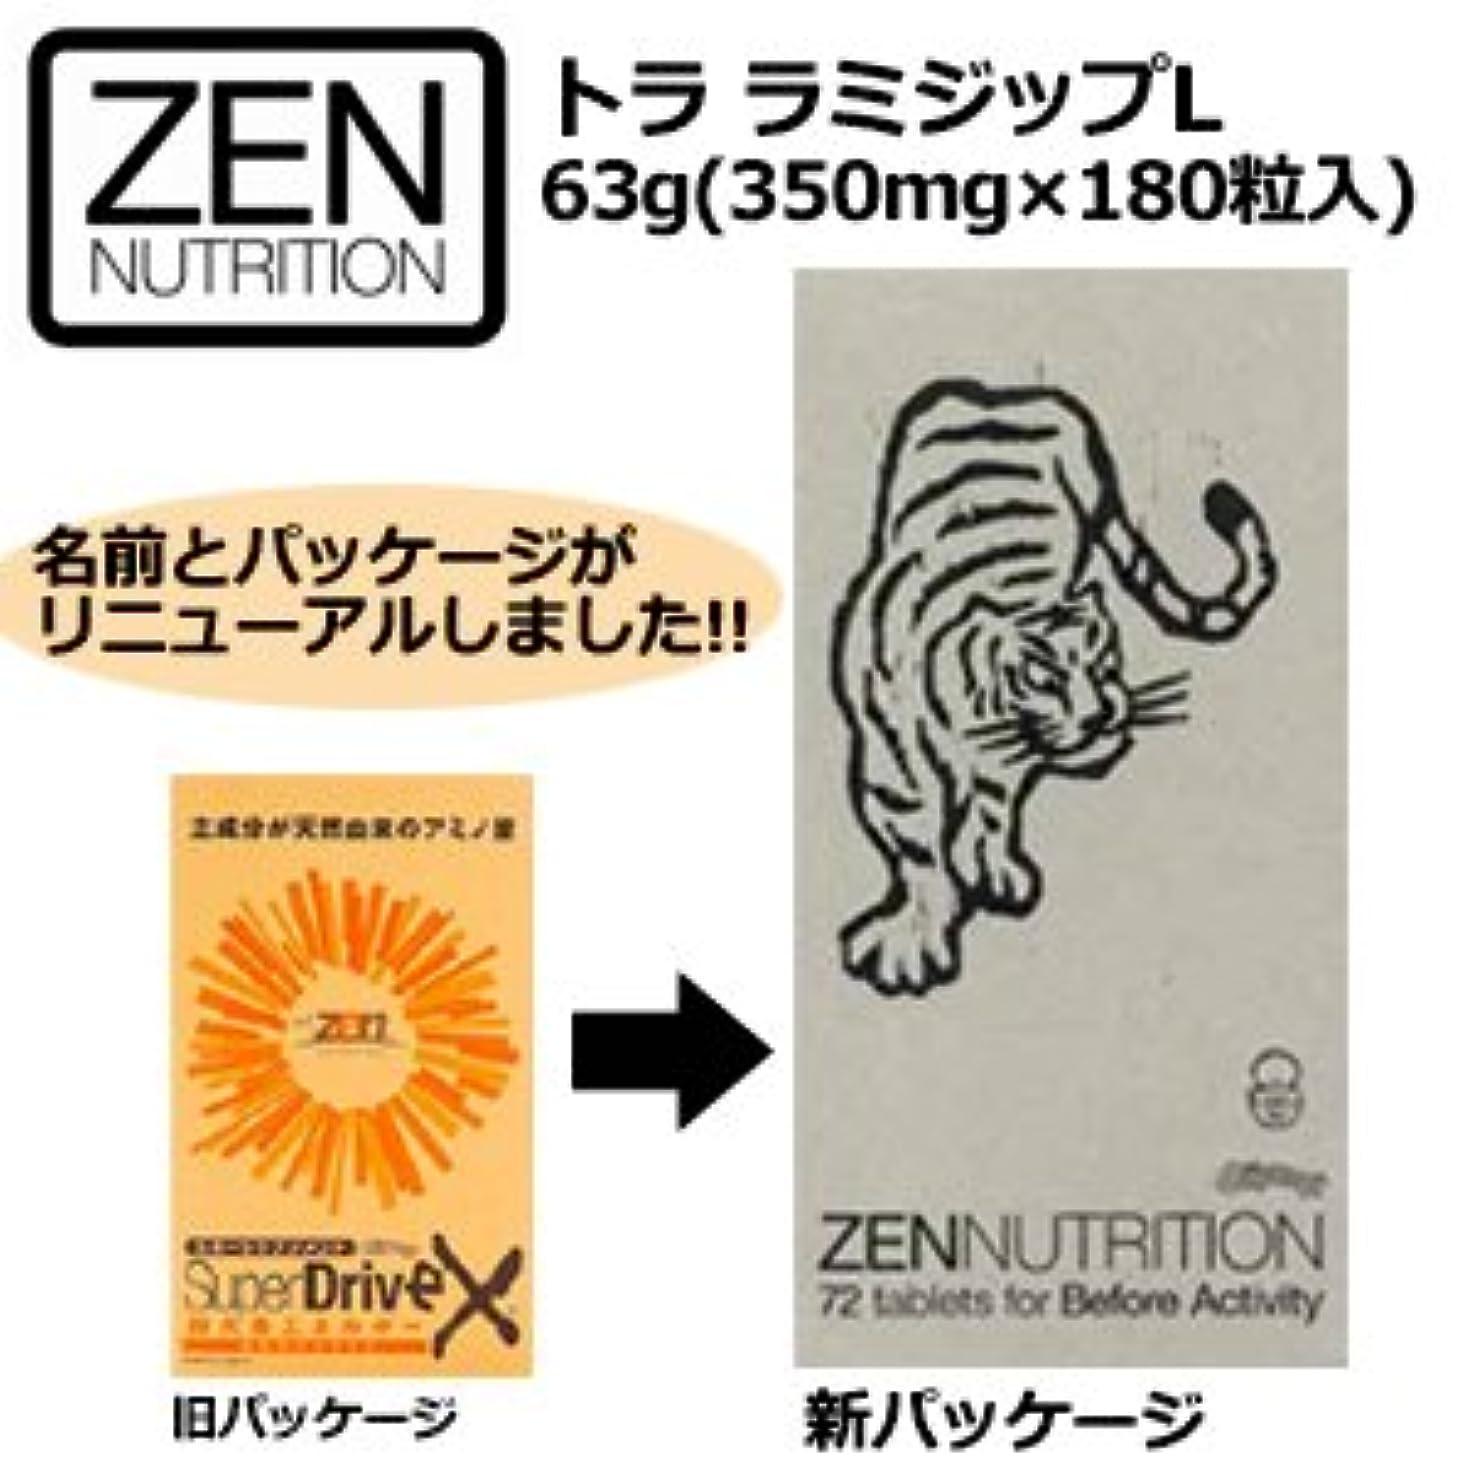 パークオーバーフロー獲物ZEN ゼン SUPER DRIVE スーパードライブEX 虎 とら サプリメント アミノ酸●トラ ラミジップL 63g